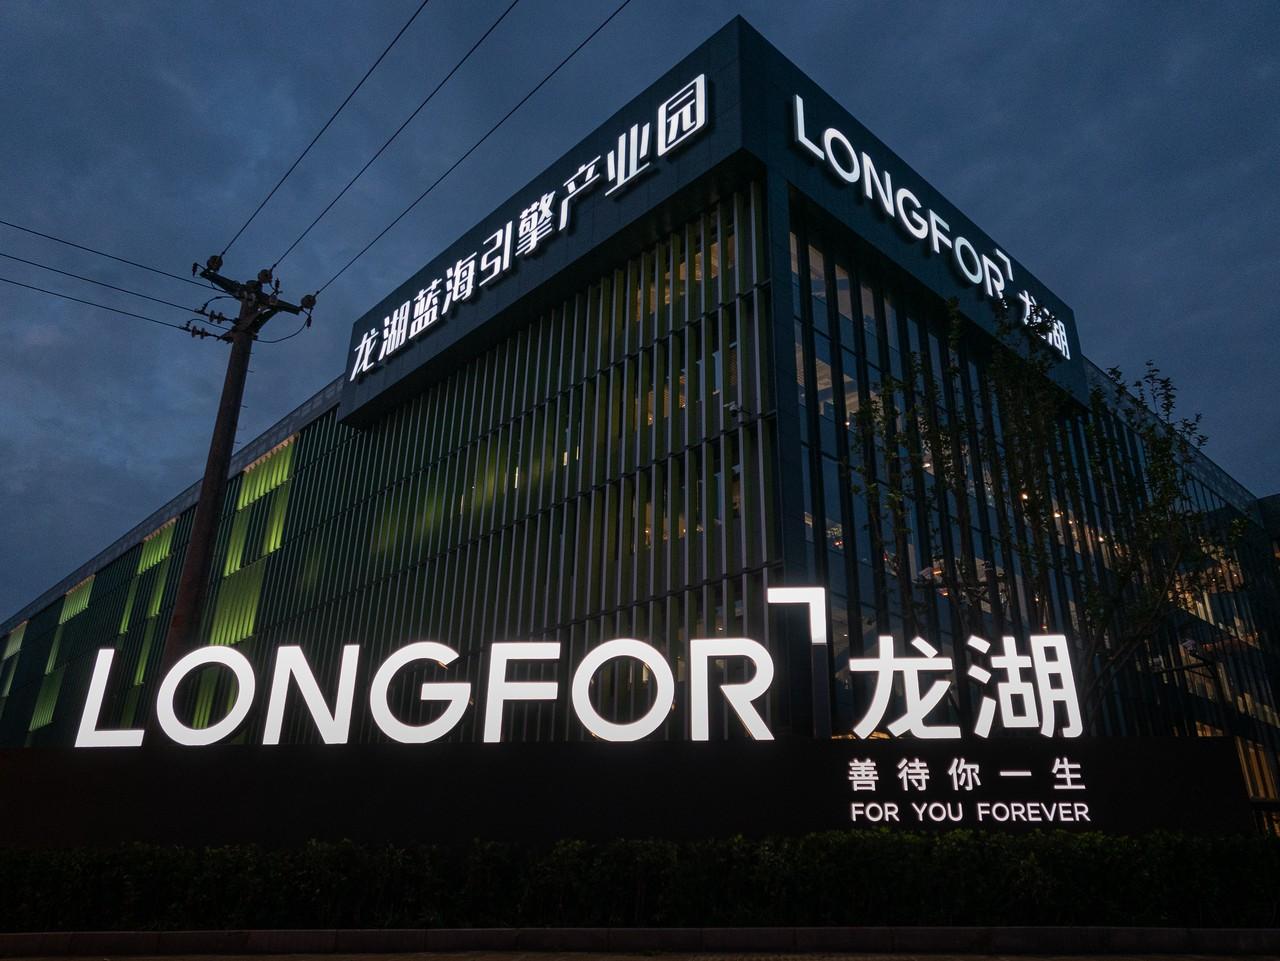 天富招商主管继续扩规模,龙湖物业收购九龙仓近900万方在管面积